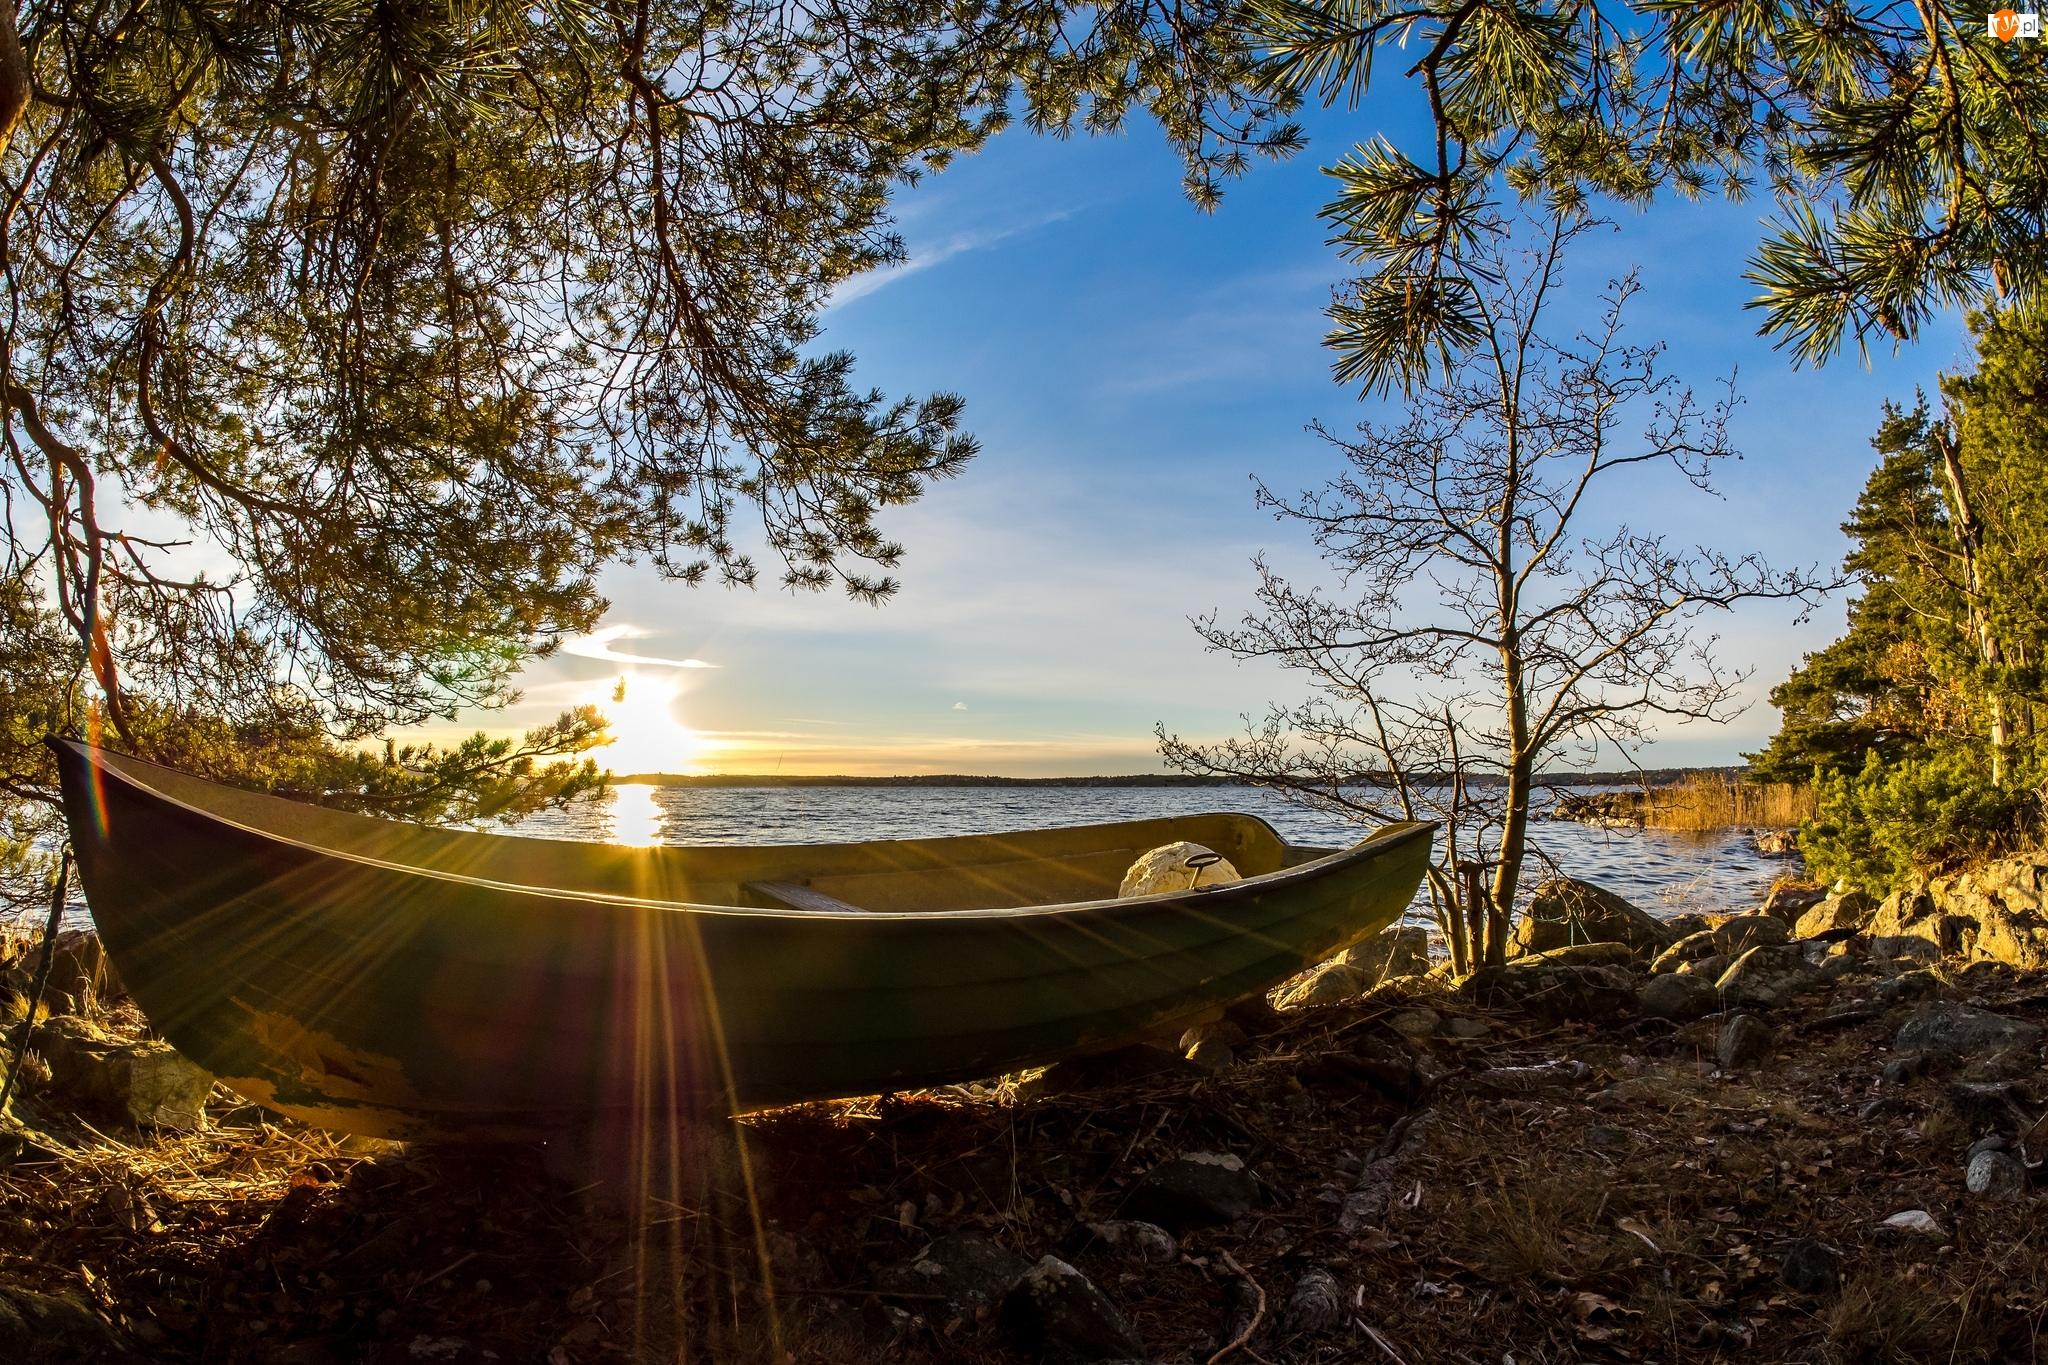 Łódka, Drzewa, Szwecja, Morze, Värmdö, Promienie słońca